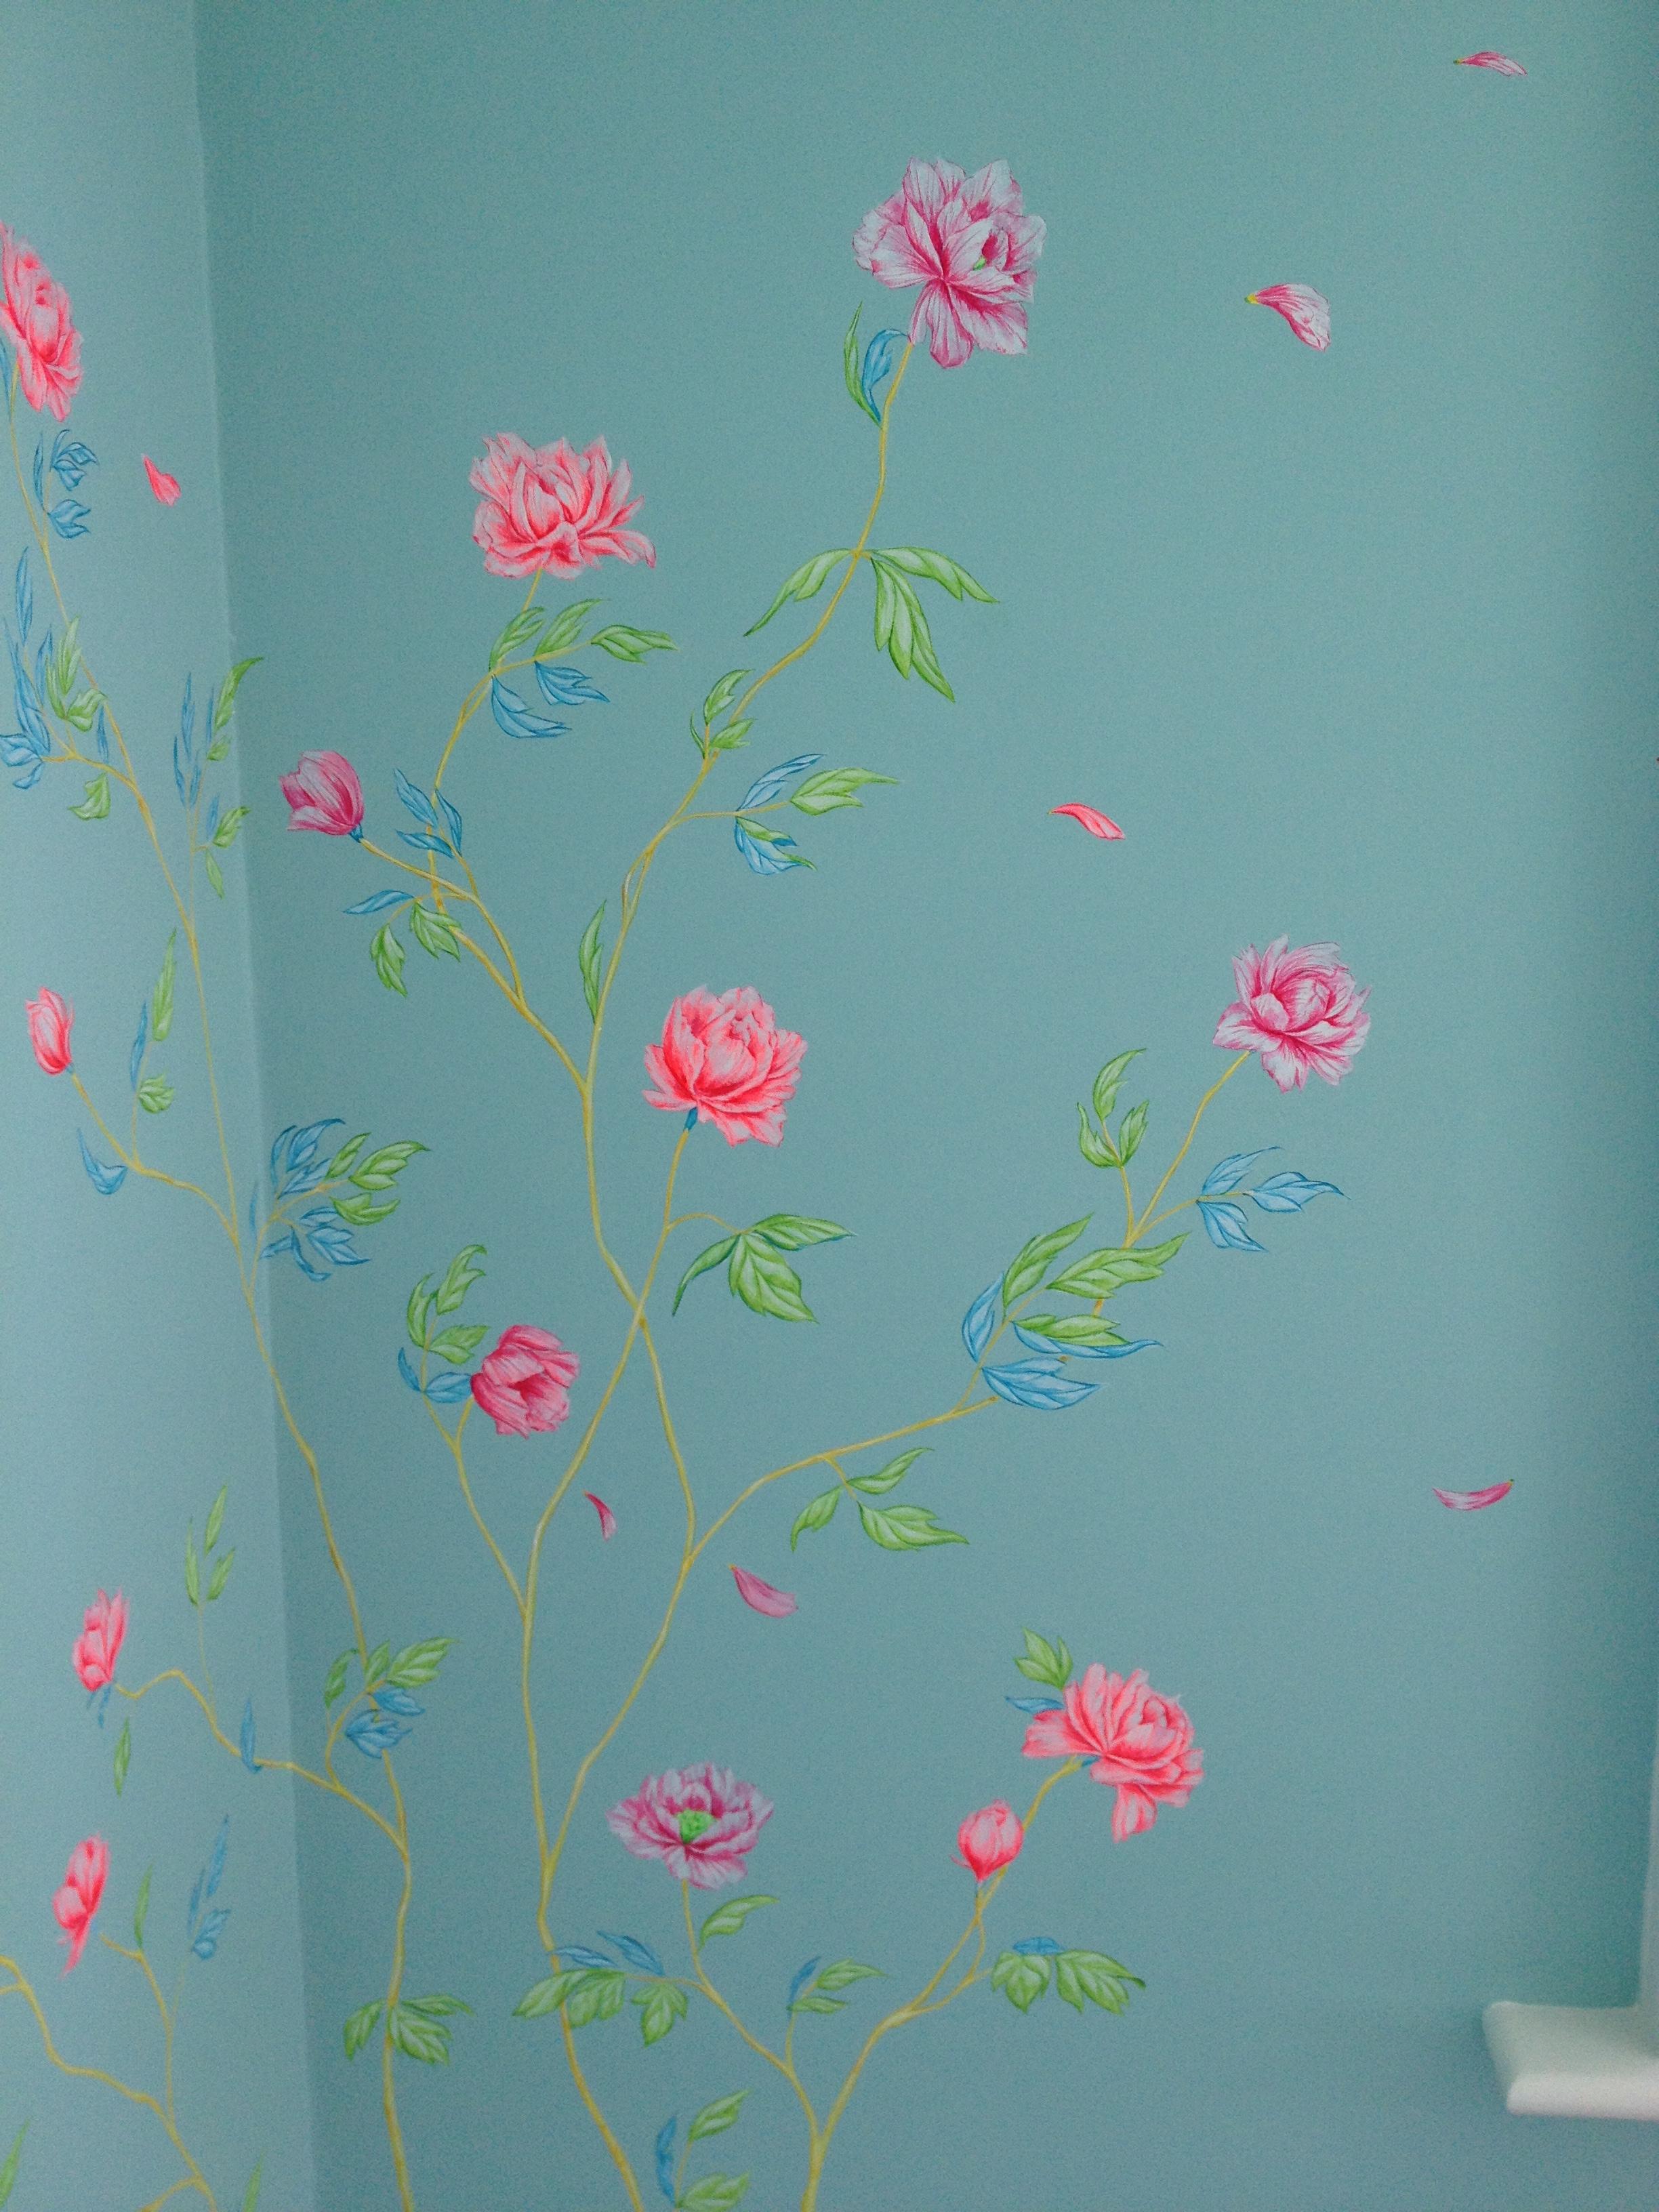 cozmo JENKS milliner- bedroom mural - detail 3 -Frederick Wimsett - murals and artistic design - WALLS .JPG